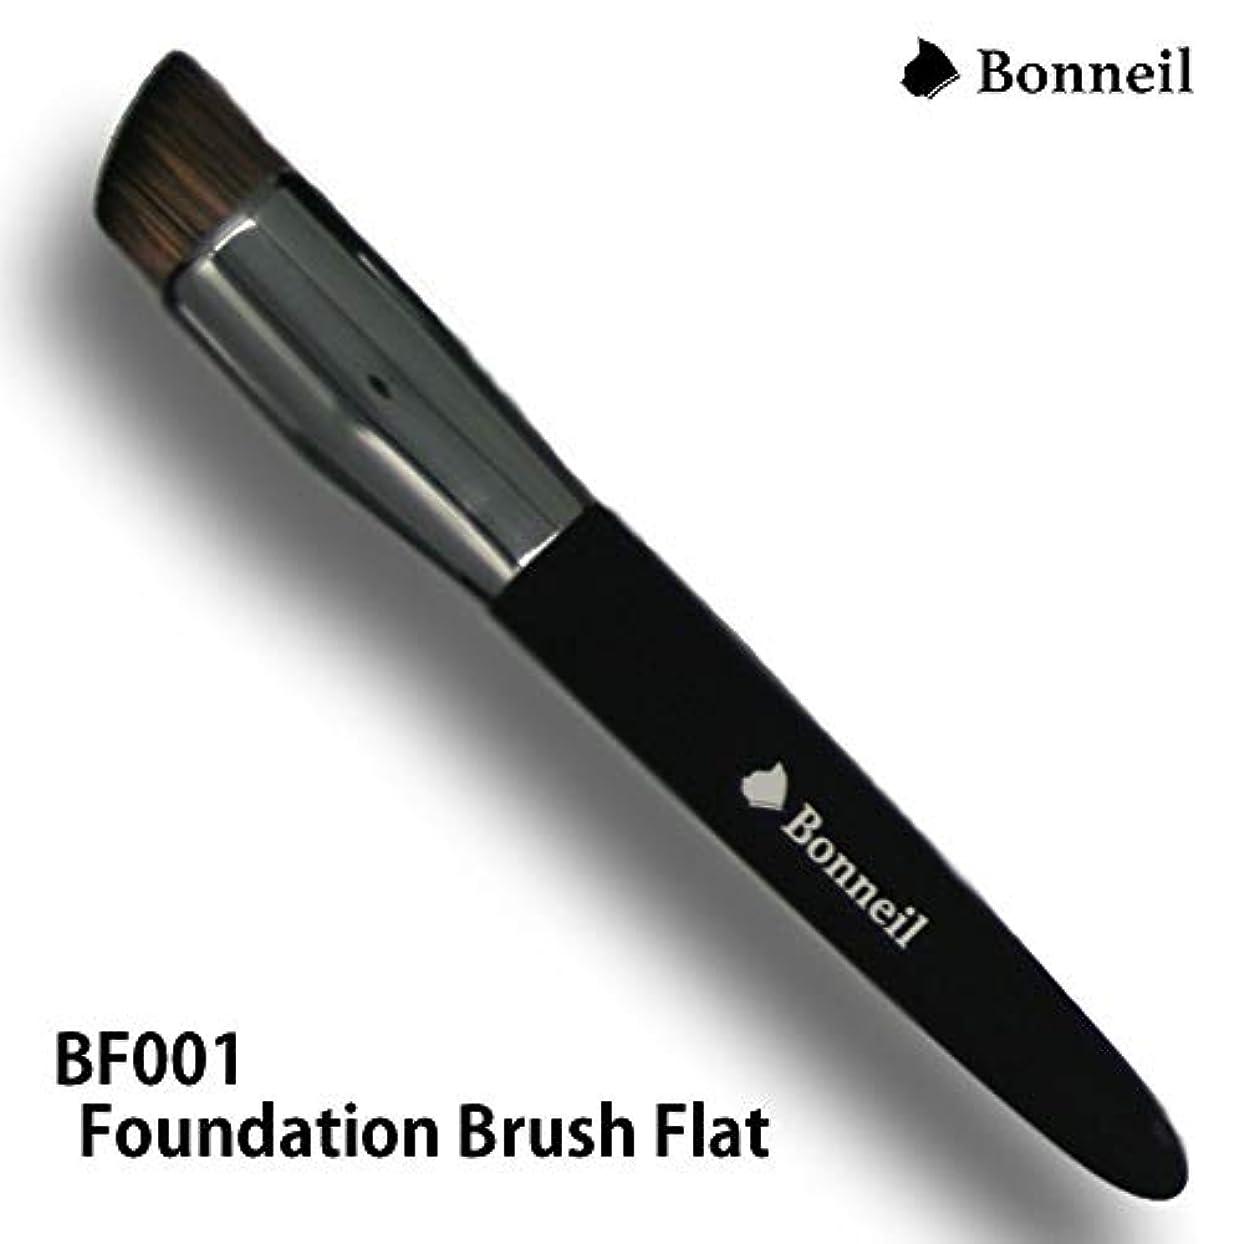 の間で私たちの吸い込むファンデーションブラシ フラットタイプ BF001 Bonneil ボヌール